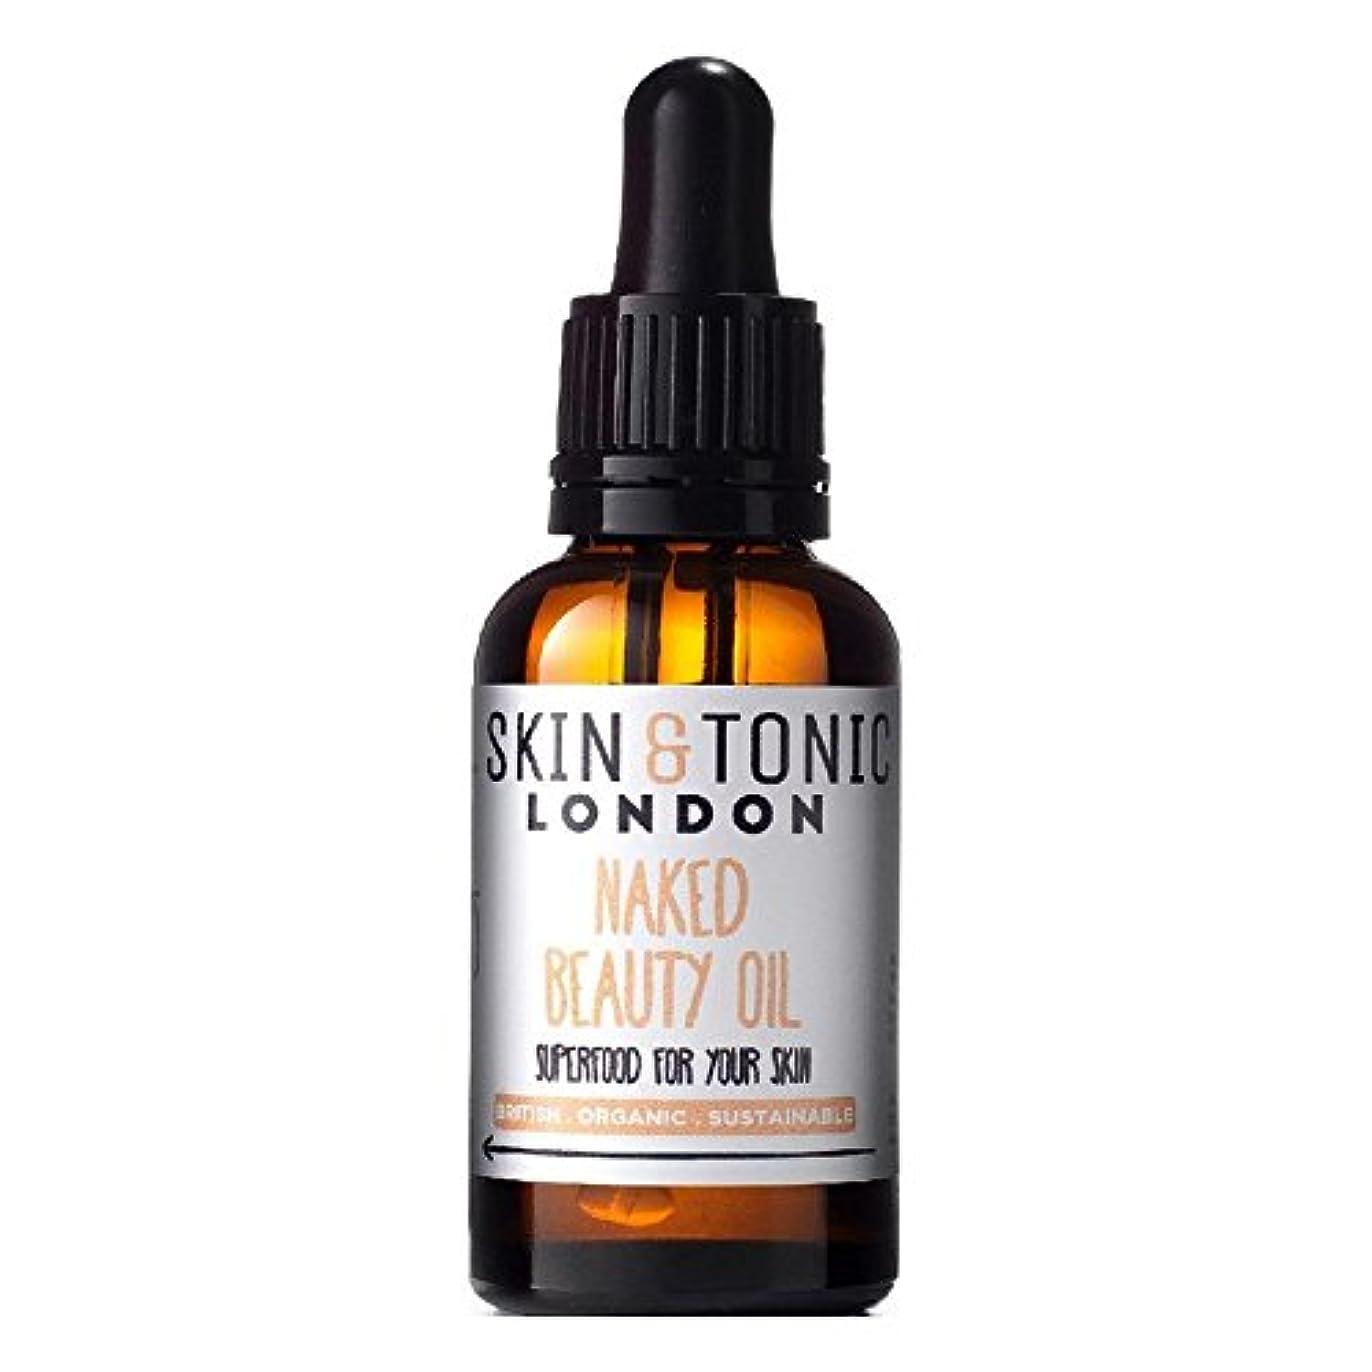 嫌がらせパンメンタルスキン&トニックロンドン裸の美容オイル30ミリリットル x4 - Skin & Tonic London Naked Beauty Oil 30ml (Pack of 4) [並行輸入品]